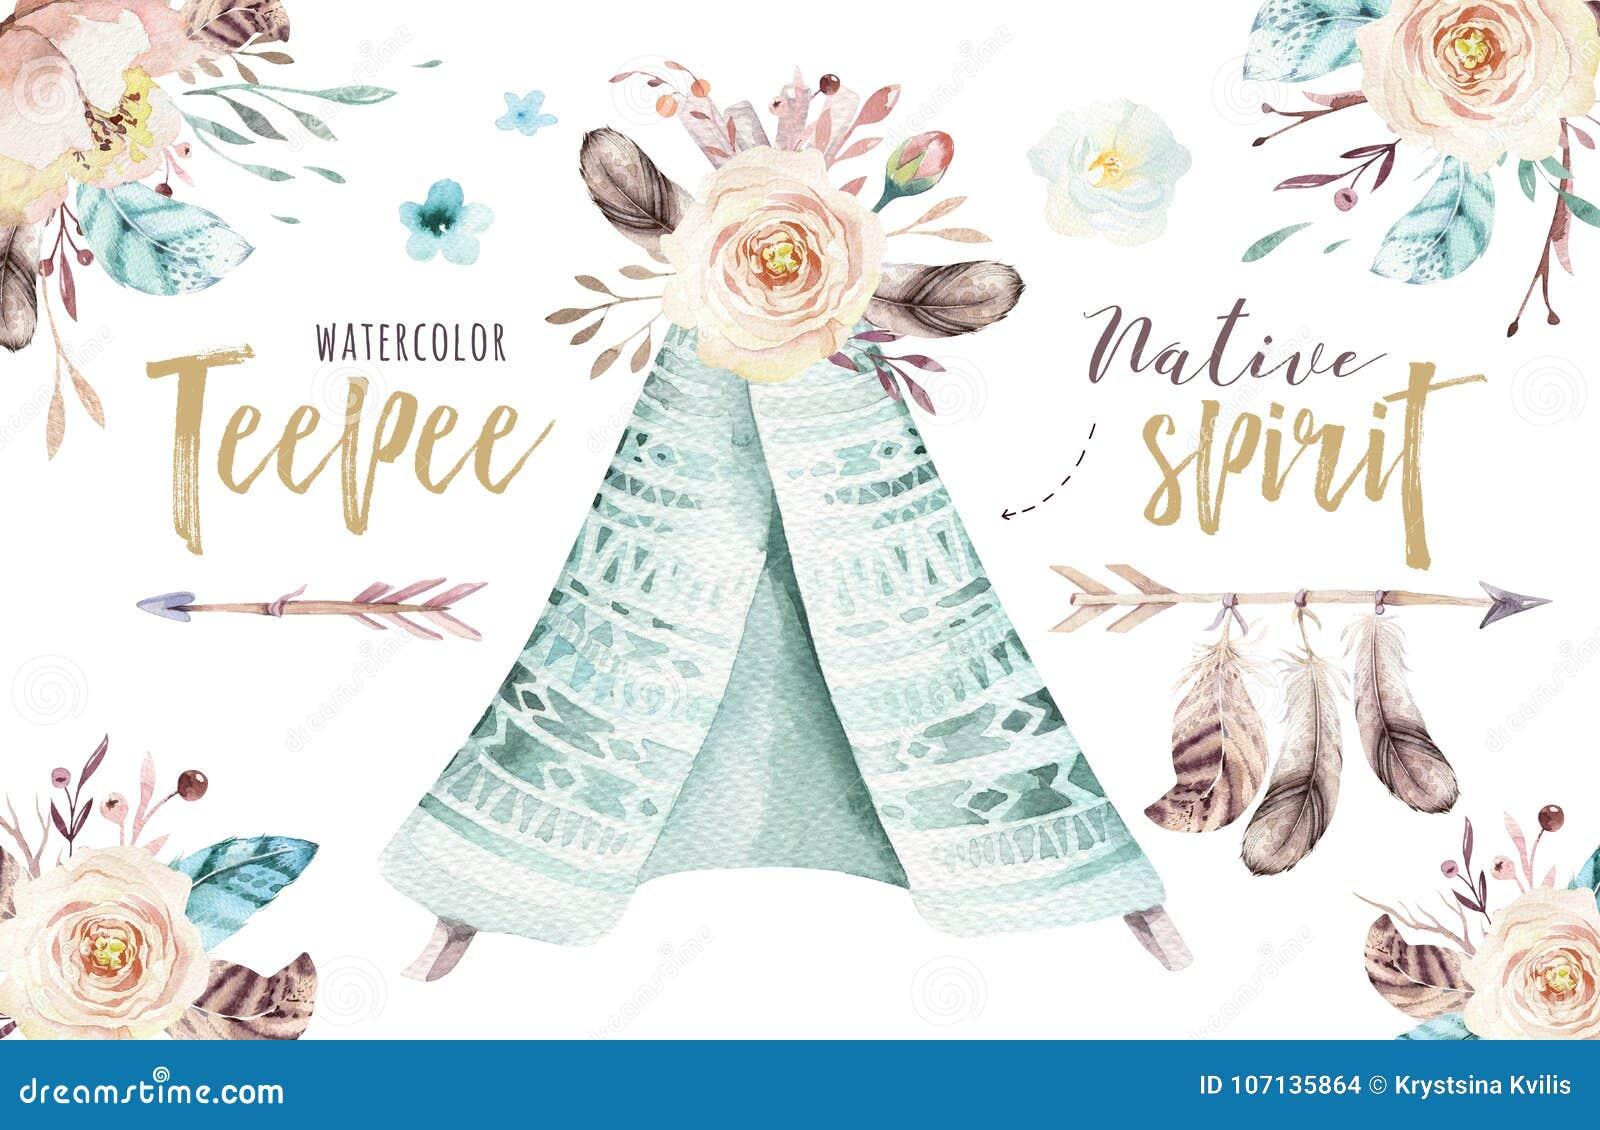 Akwareli teepee ilustracja Watercolour projekta trójnika siuśki artystyczny organicznie druk colour boho rodzima sztuka z ręką